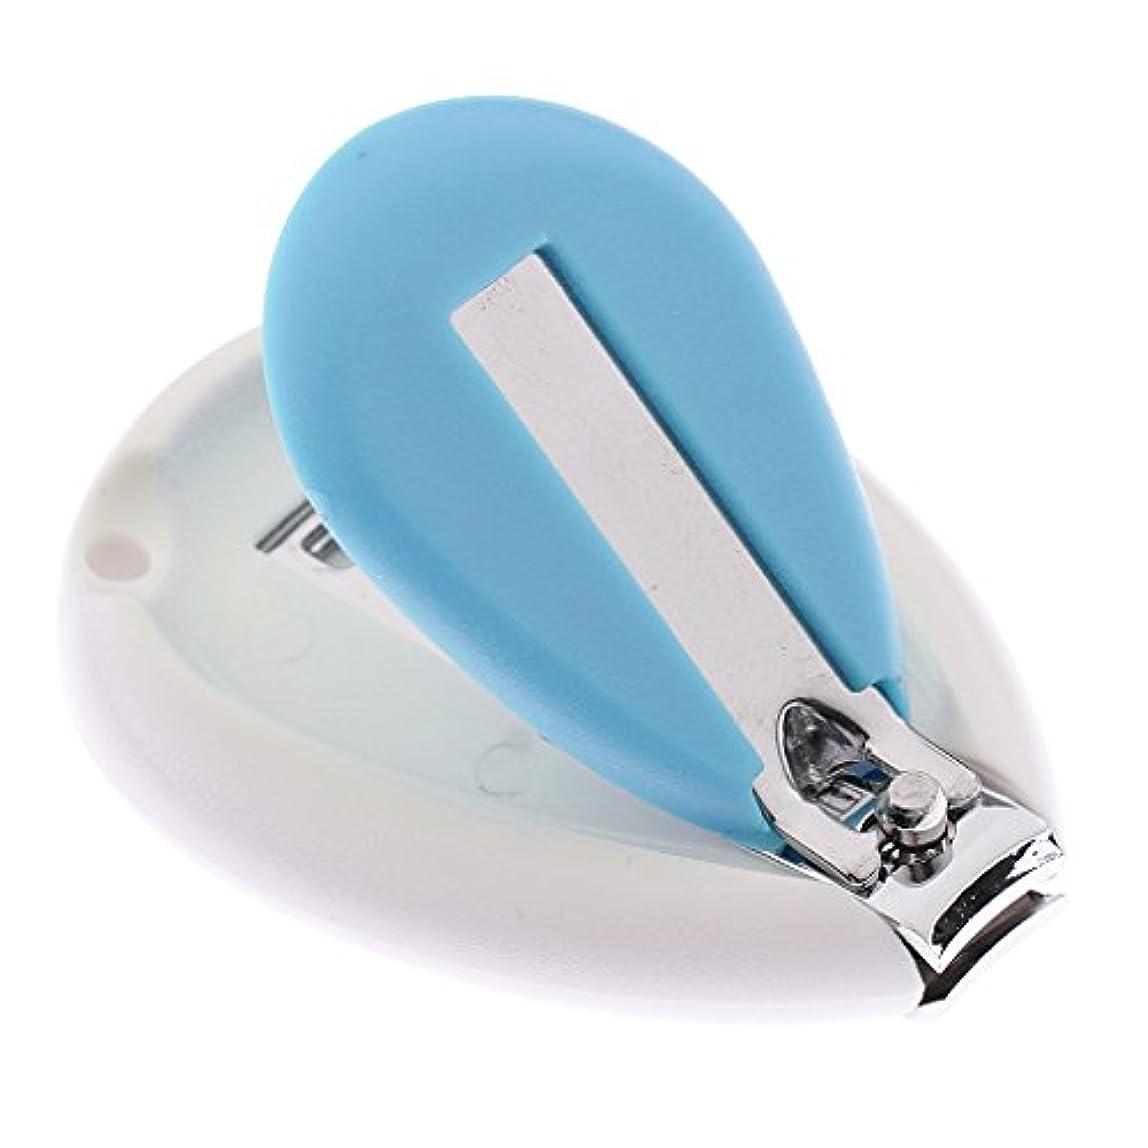 難しいハードかもめGRALARA キッズ 赤ちゃん ネイル クリッパー はさみ トリマー カッター 安全 人間工学 全3色 - 青